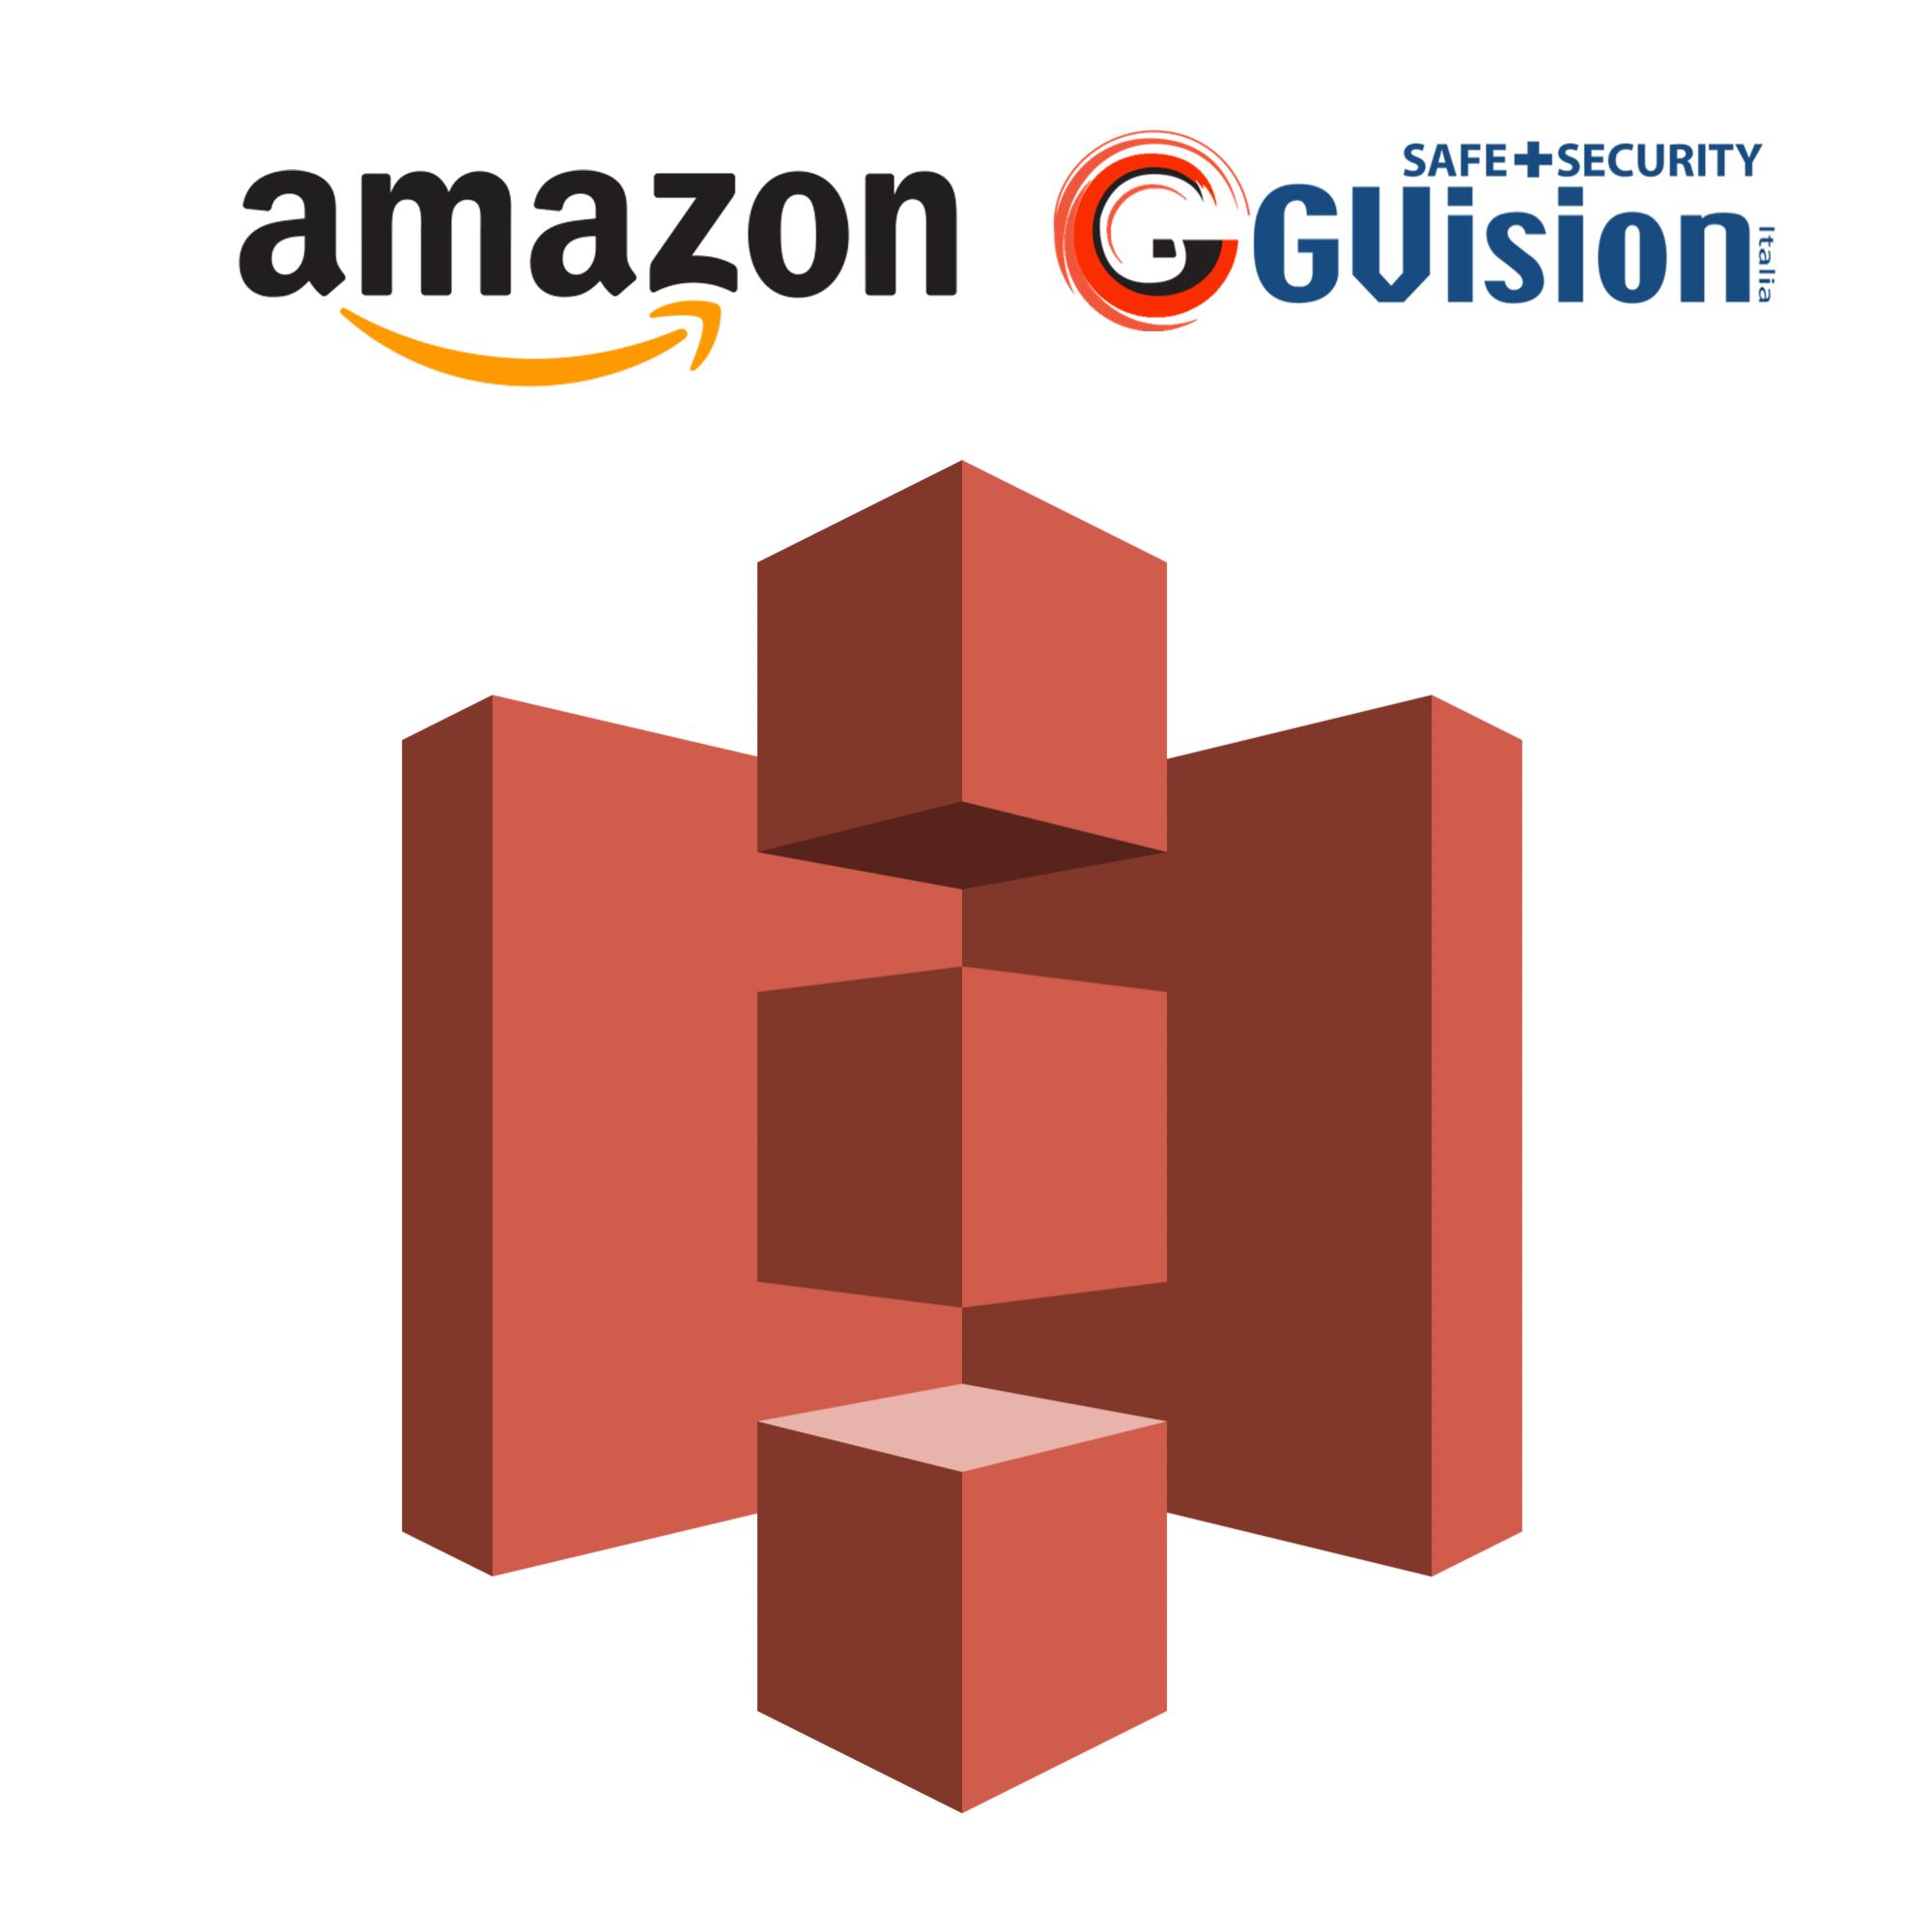 AWS_amazon_Gvision_Geovision